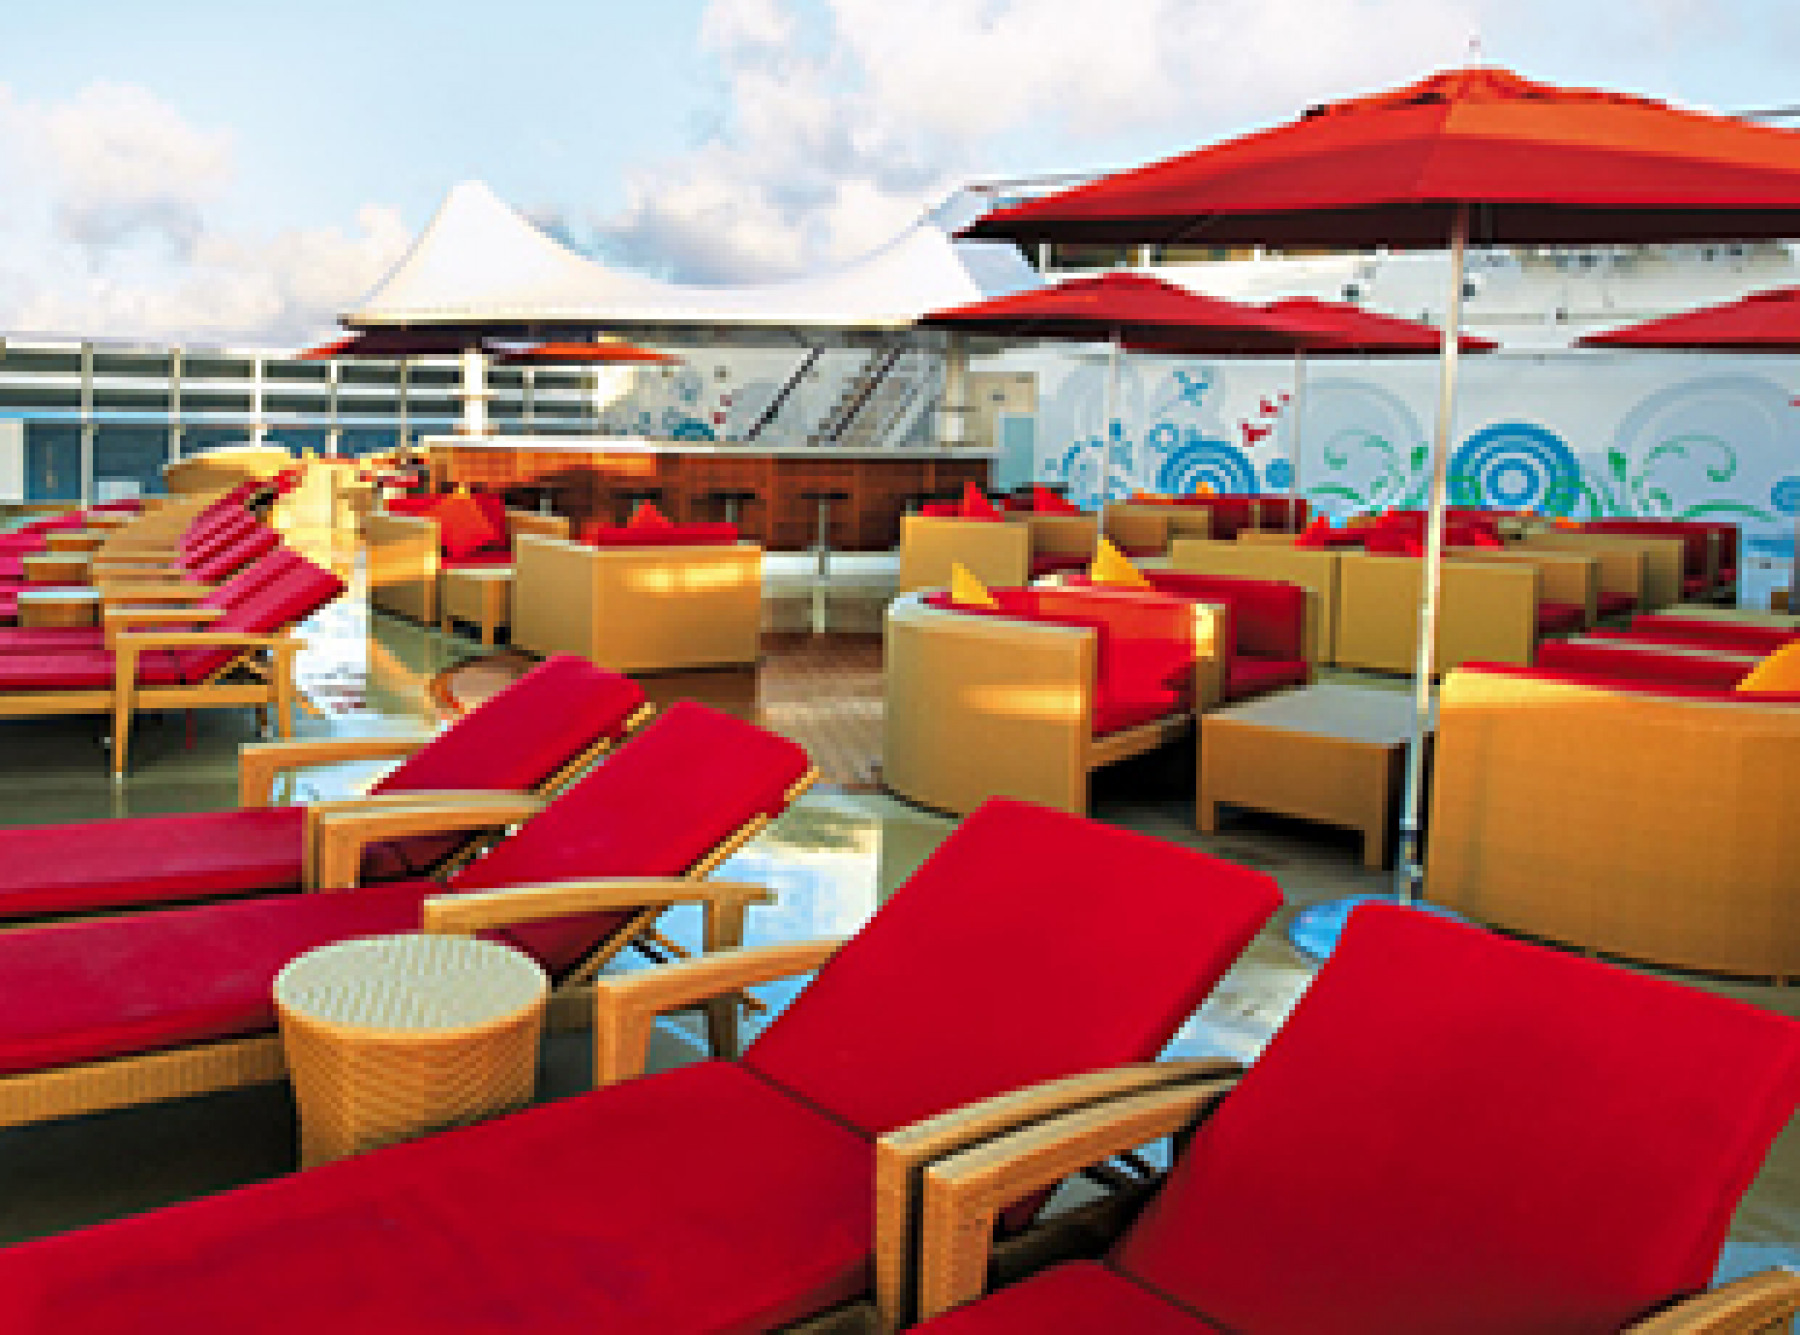 Norwegian Cruise Line Norwegian Epic Exterior Posh Beach Club.jpg